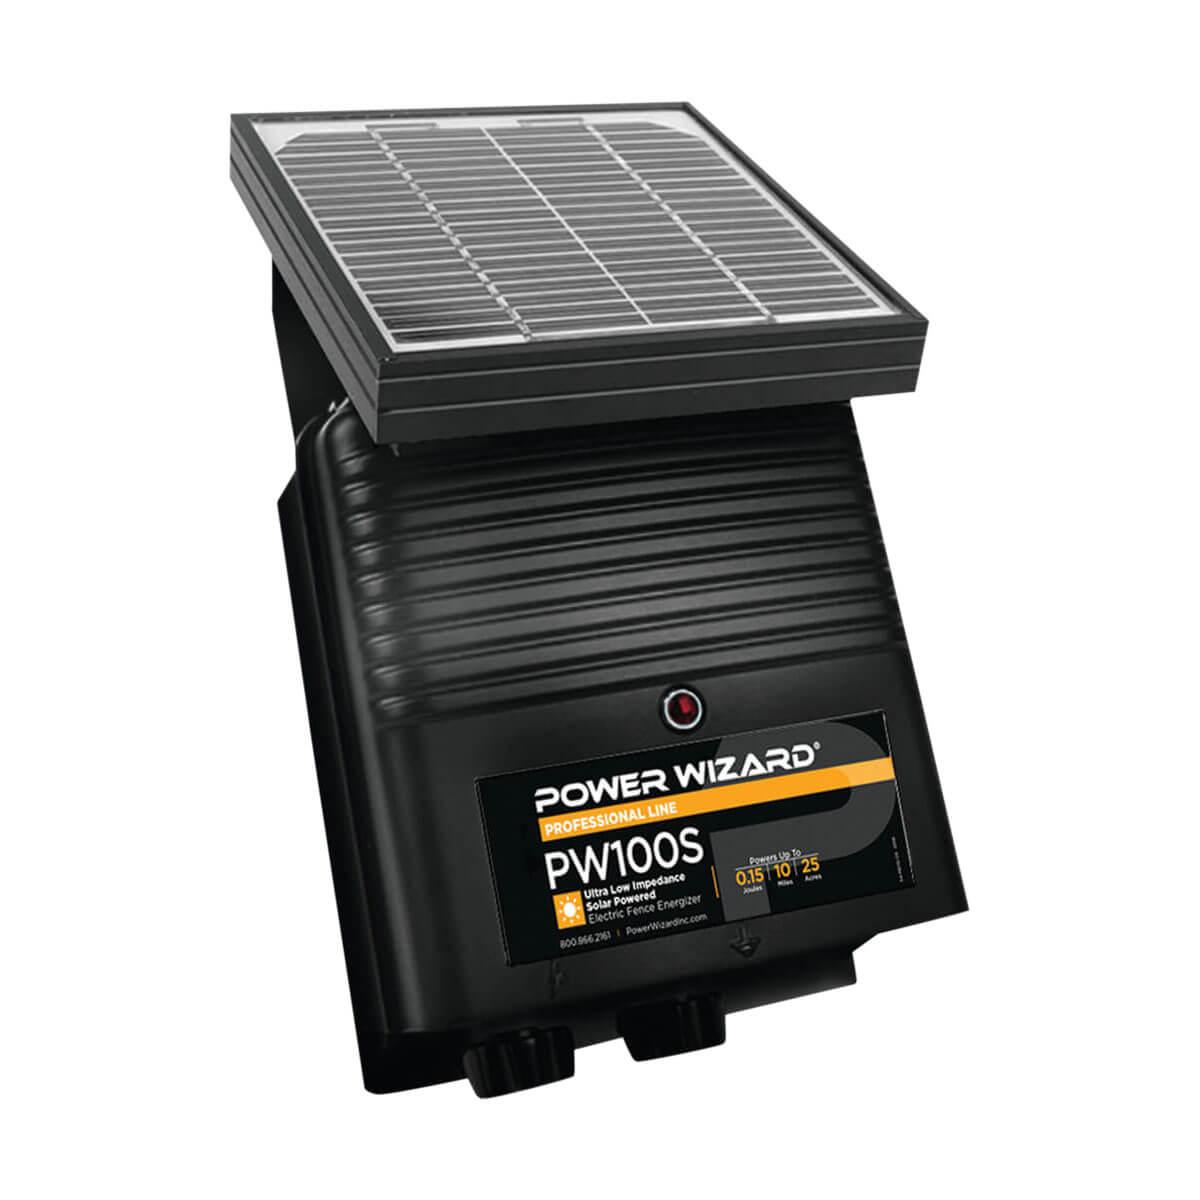 Power Wizard PW100S Solar Fence Energizer